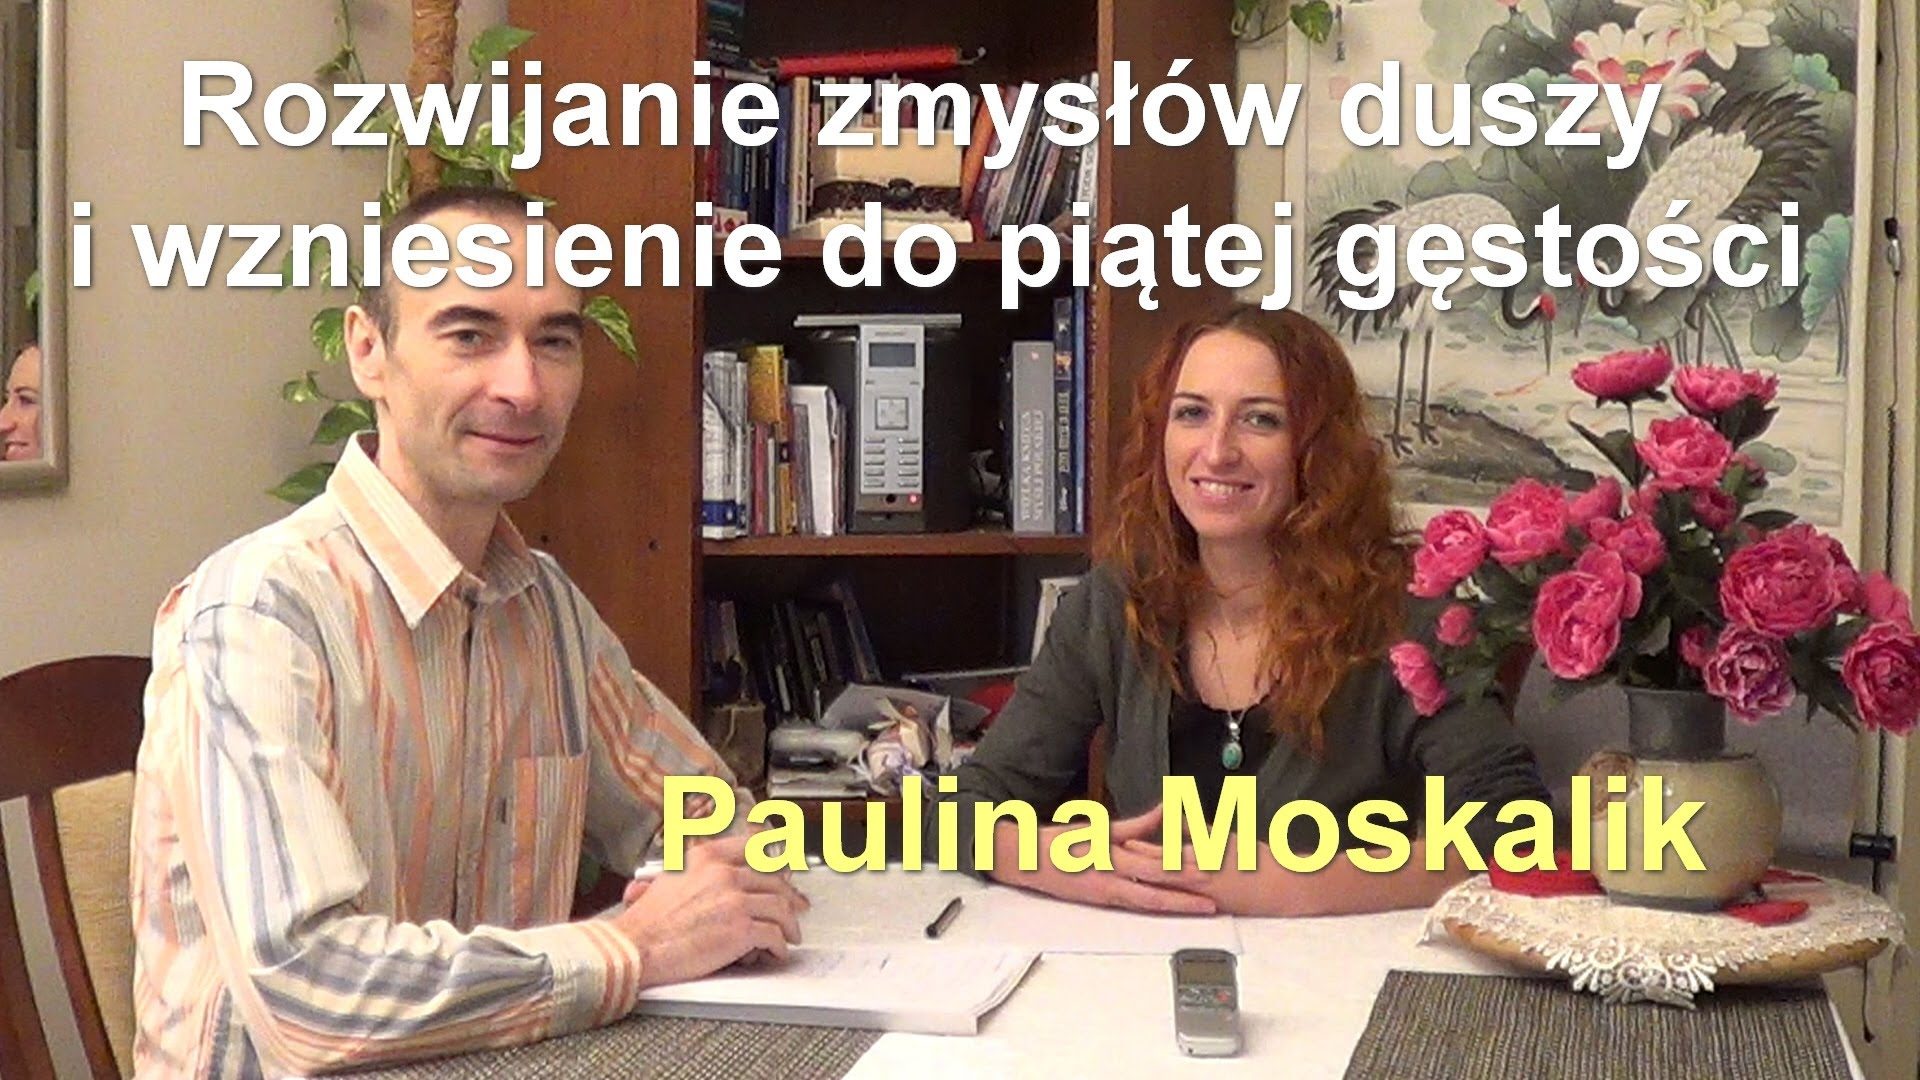 Rozwijanie zmysłów duszy i wzniesienie do piątej gęstości – Paulina Moskalik